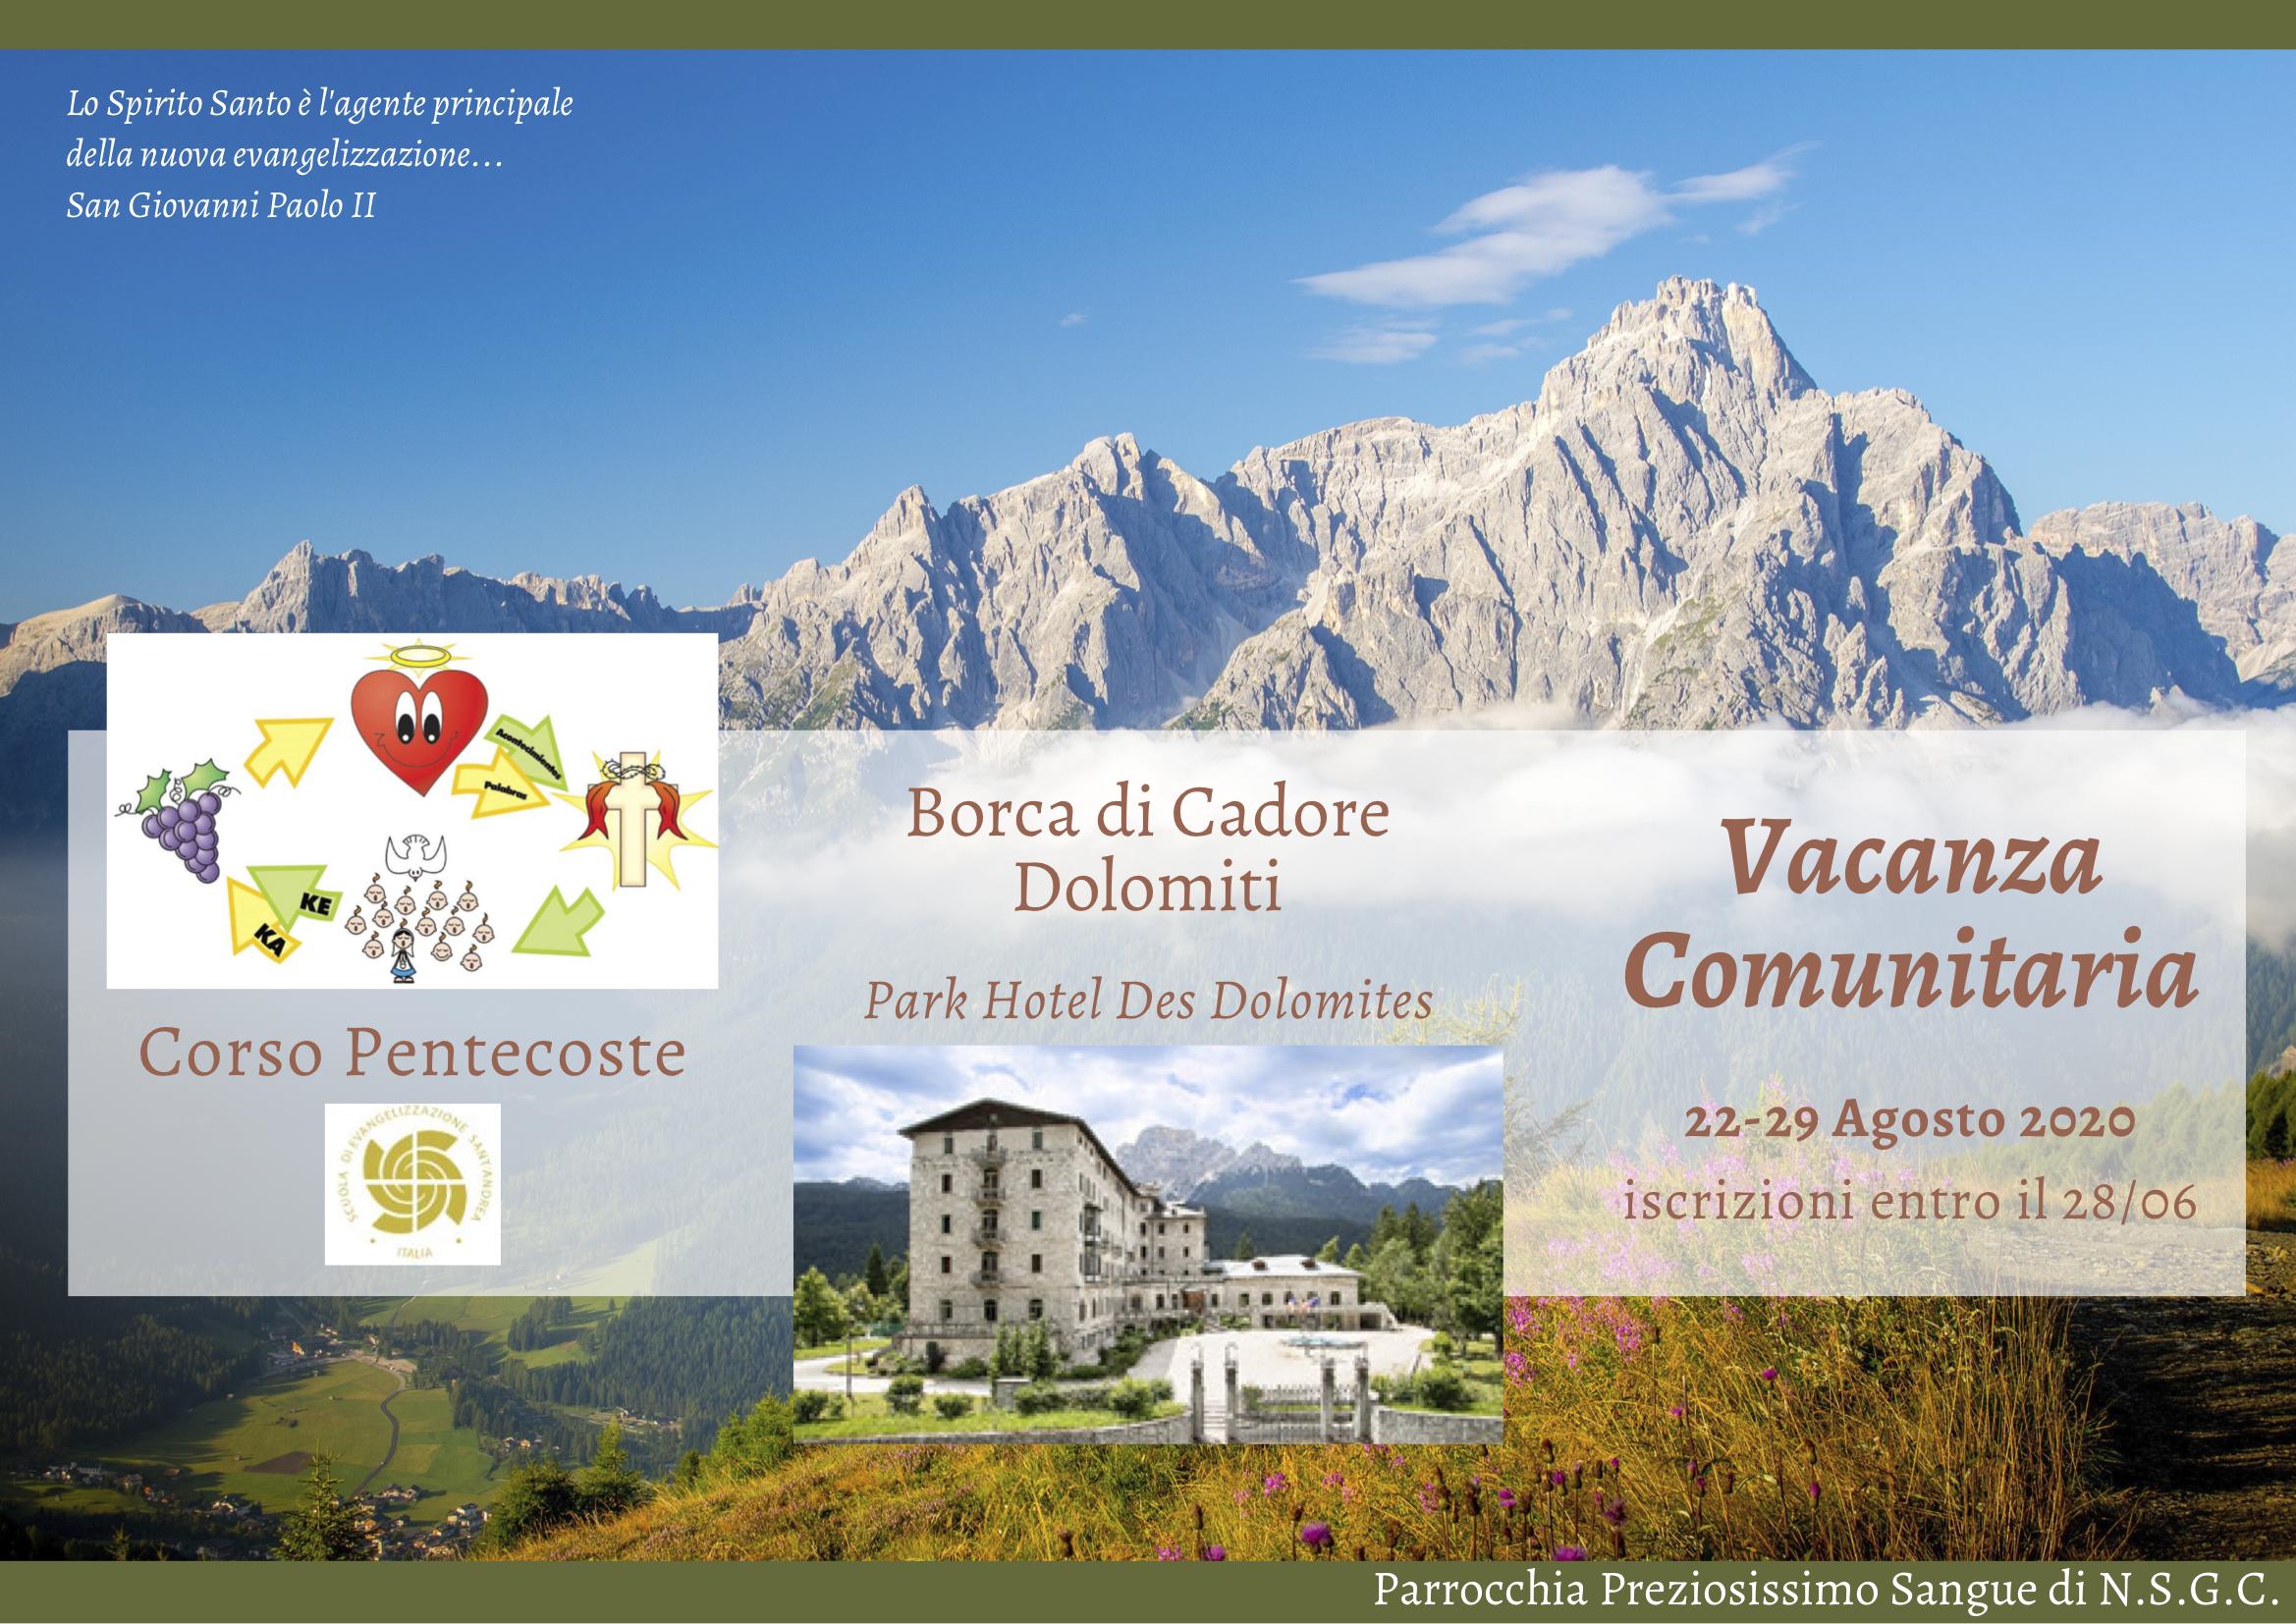 Vacanza Comunitaria - Corso Pentecoste - 22-29 Agosto